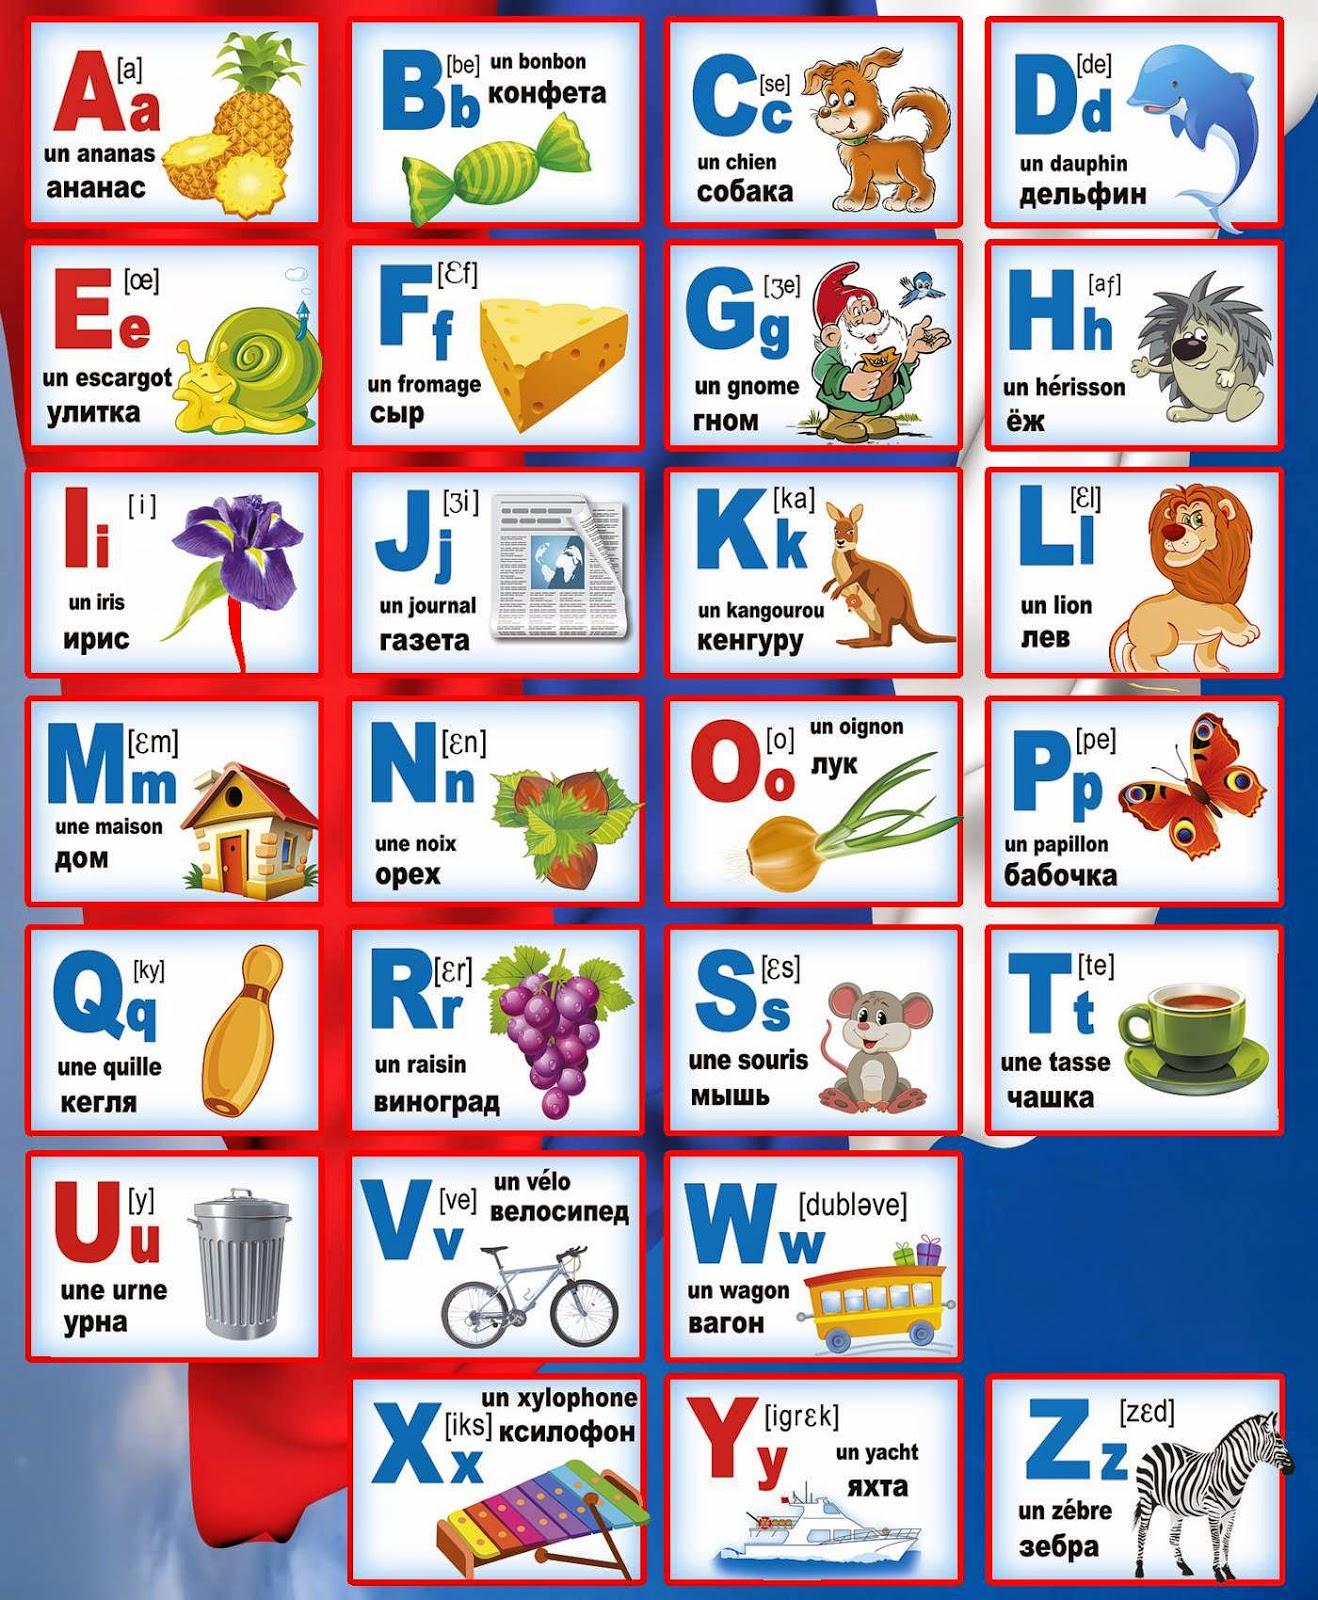 как познакомиться на французском